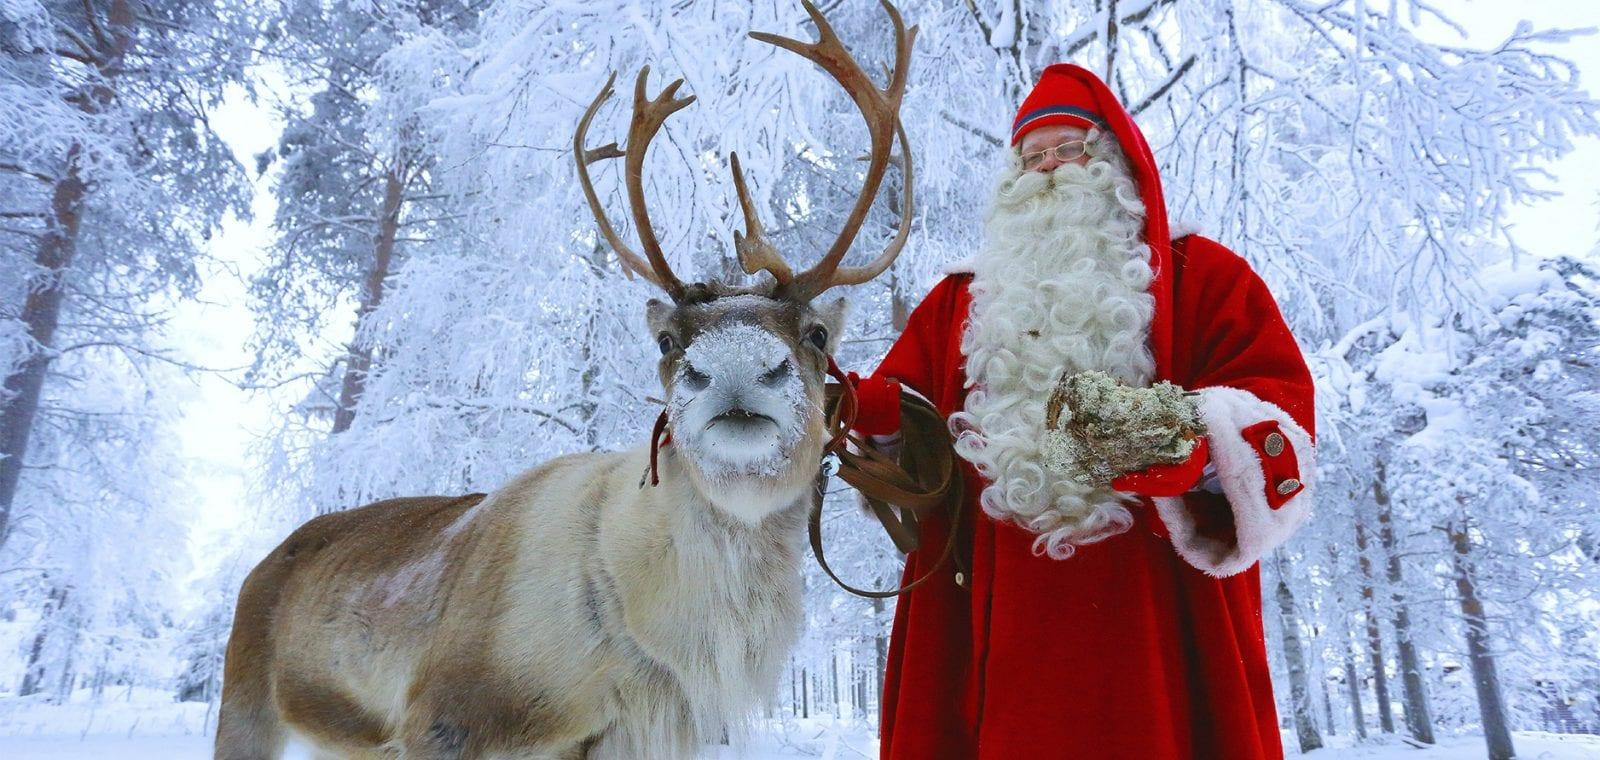 Papai Noel - Qual a origem da lenda? E sua ligação com São Nicolau?